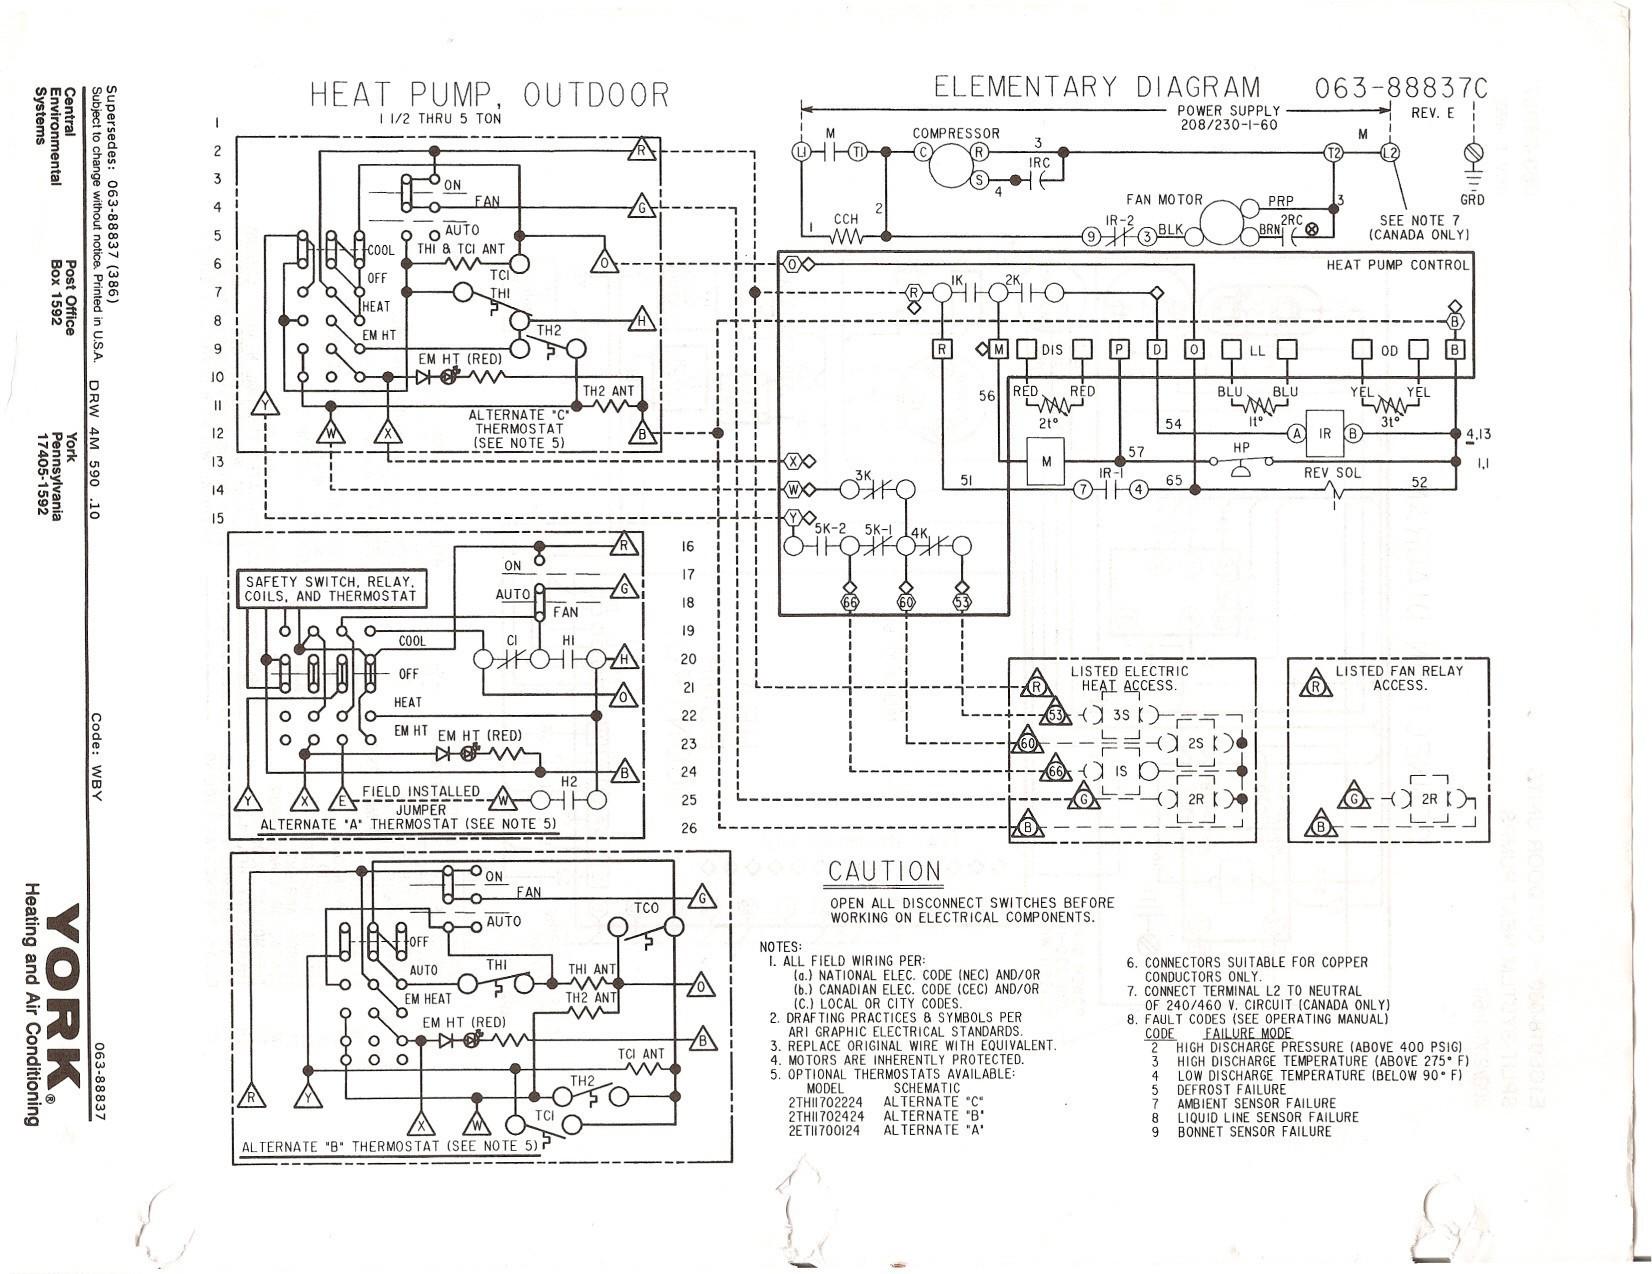 Carrier Heat Pump Wiring Diagram Inspirational Goodman Heat Pump Wiring Diagram Wiring Of Carrier Heat Pump Wiring Diagram